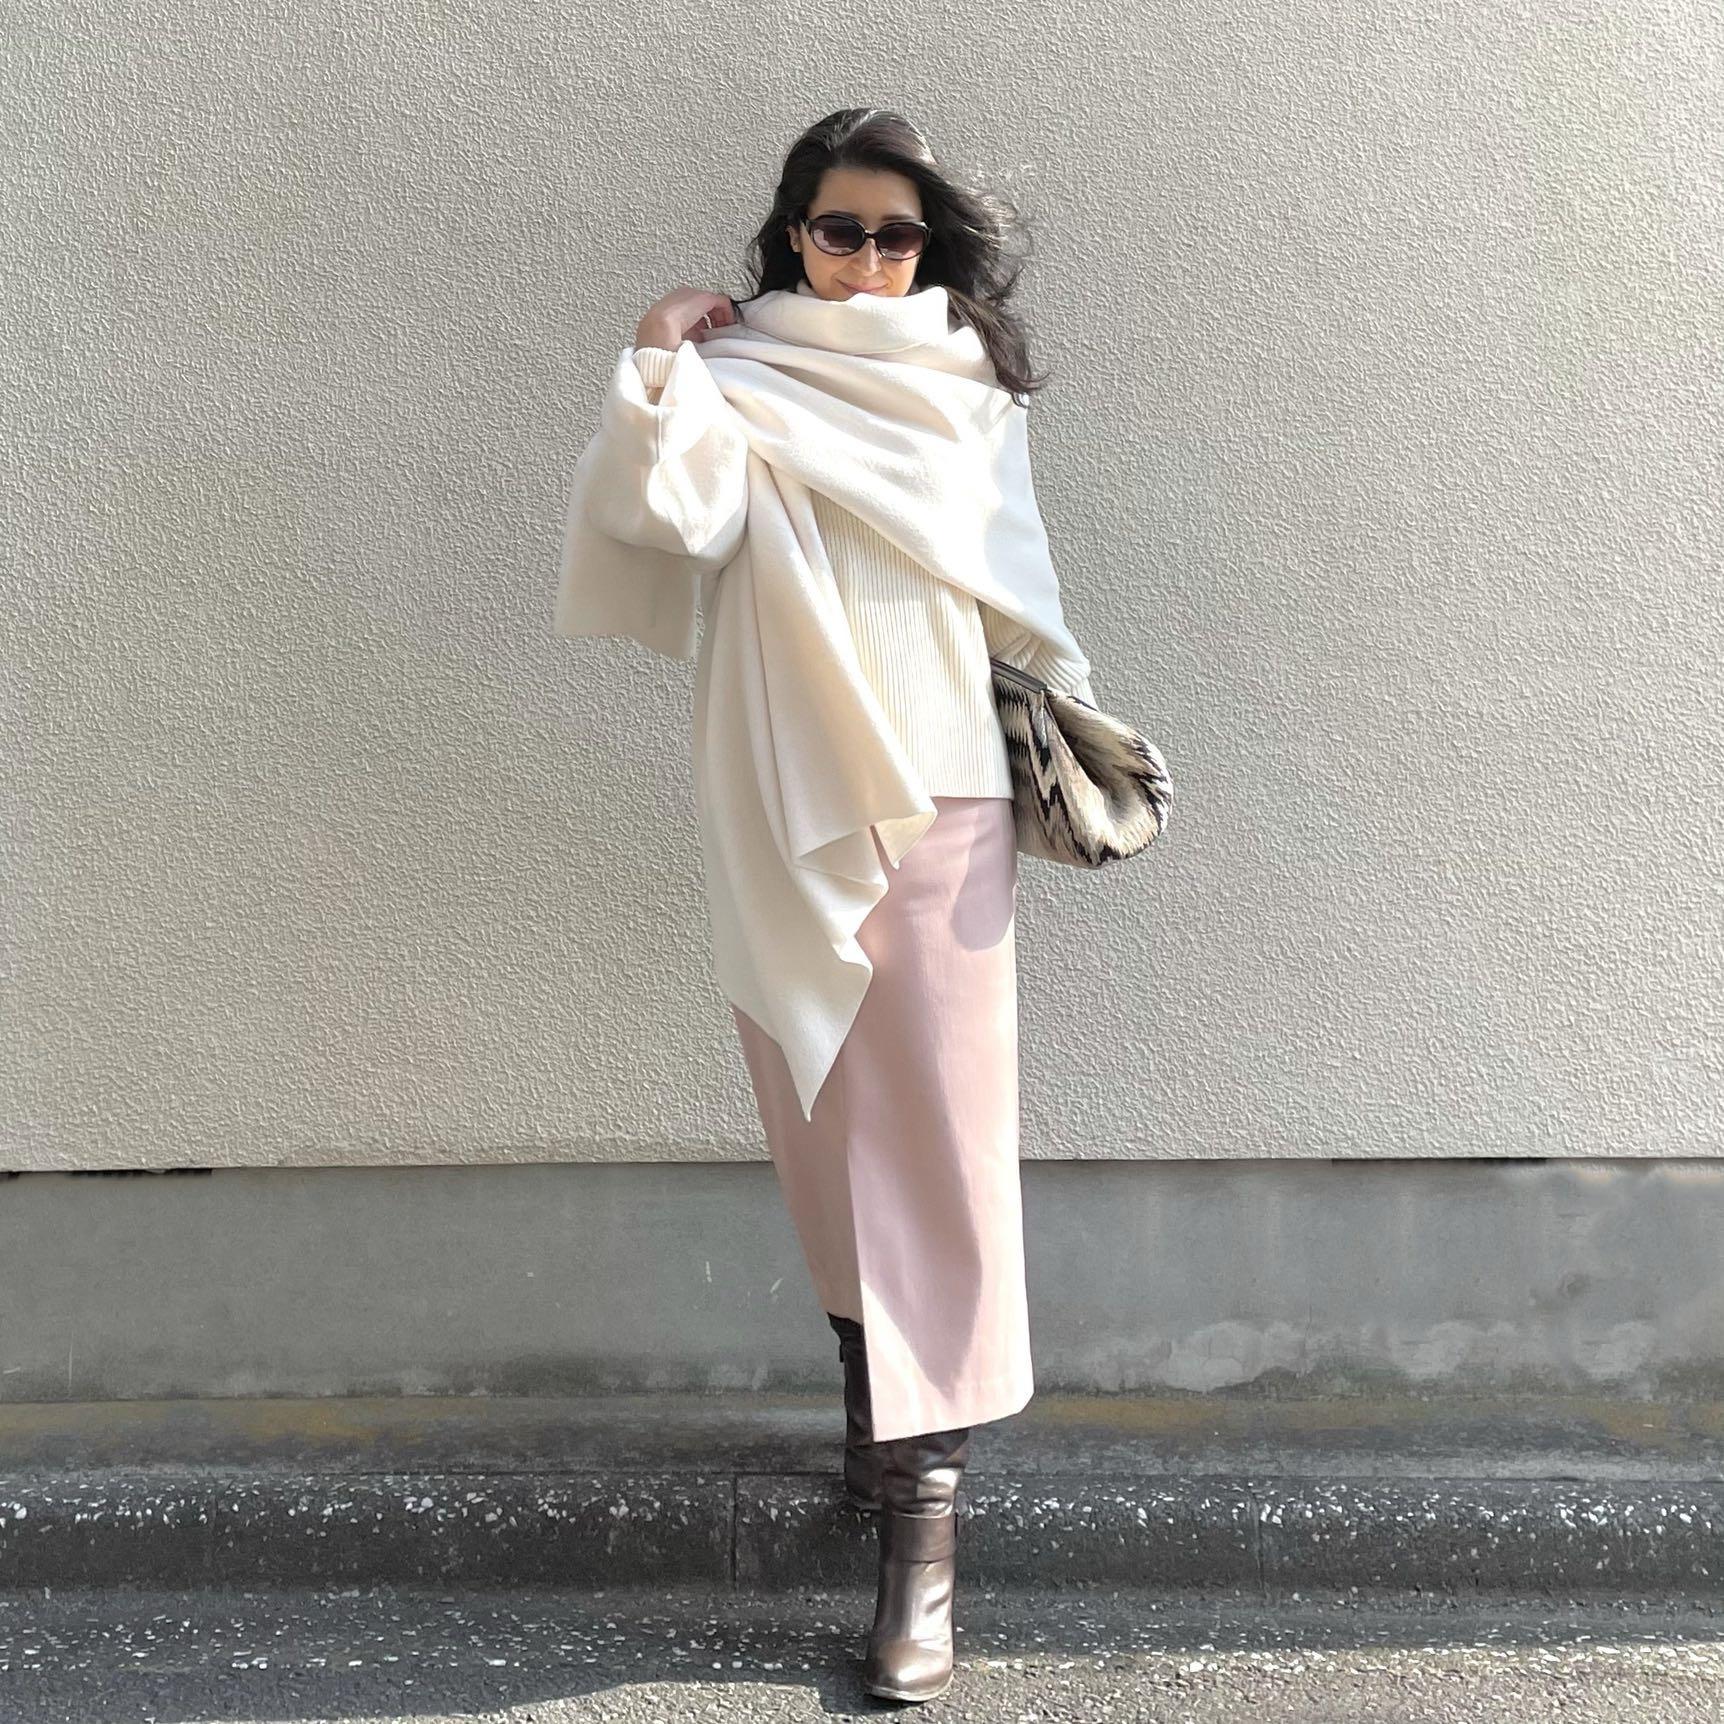 ホワイトの片袖ストール、ホワイトのタートルニット、淡いピンクのタイトスカート、ブラウンのロングブーツ、大きめのクラッチバッグ